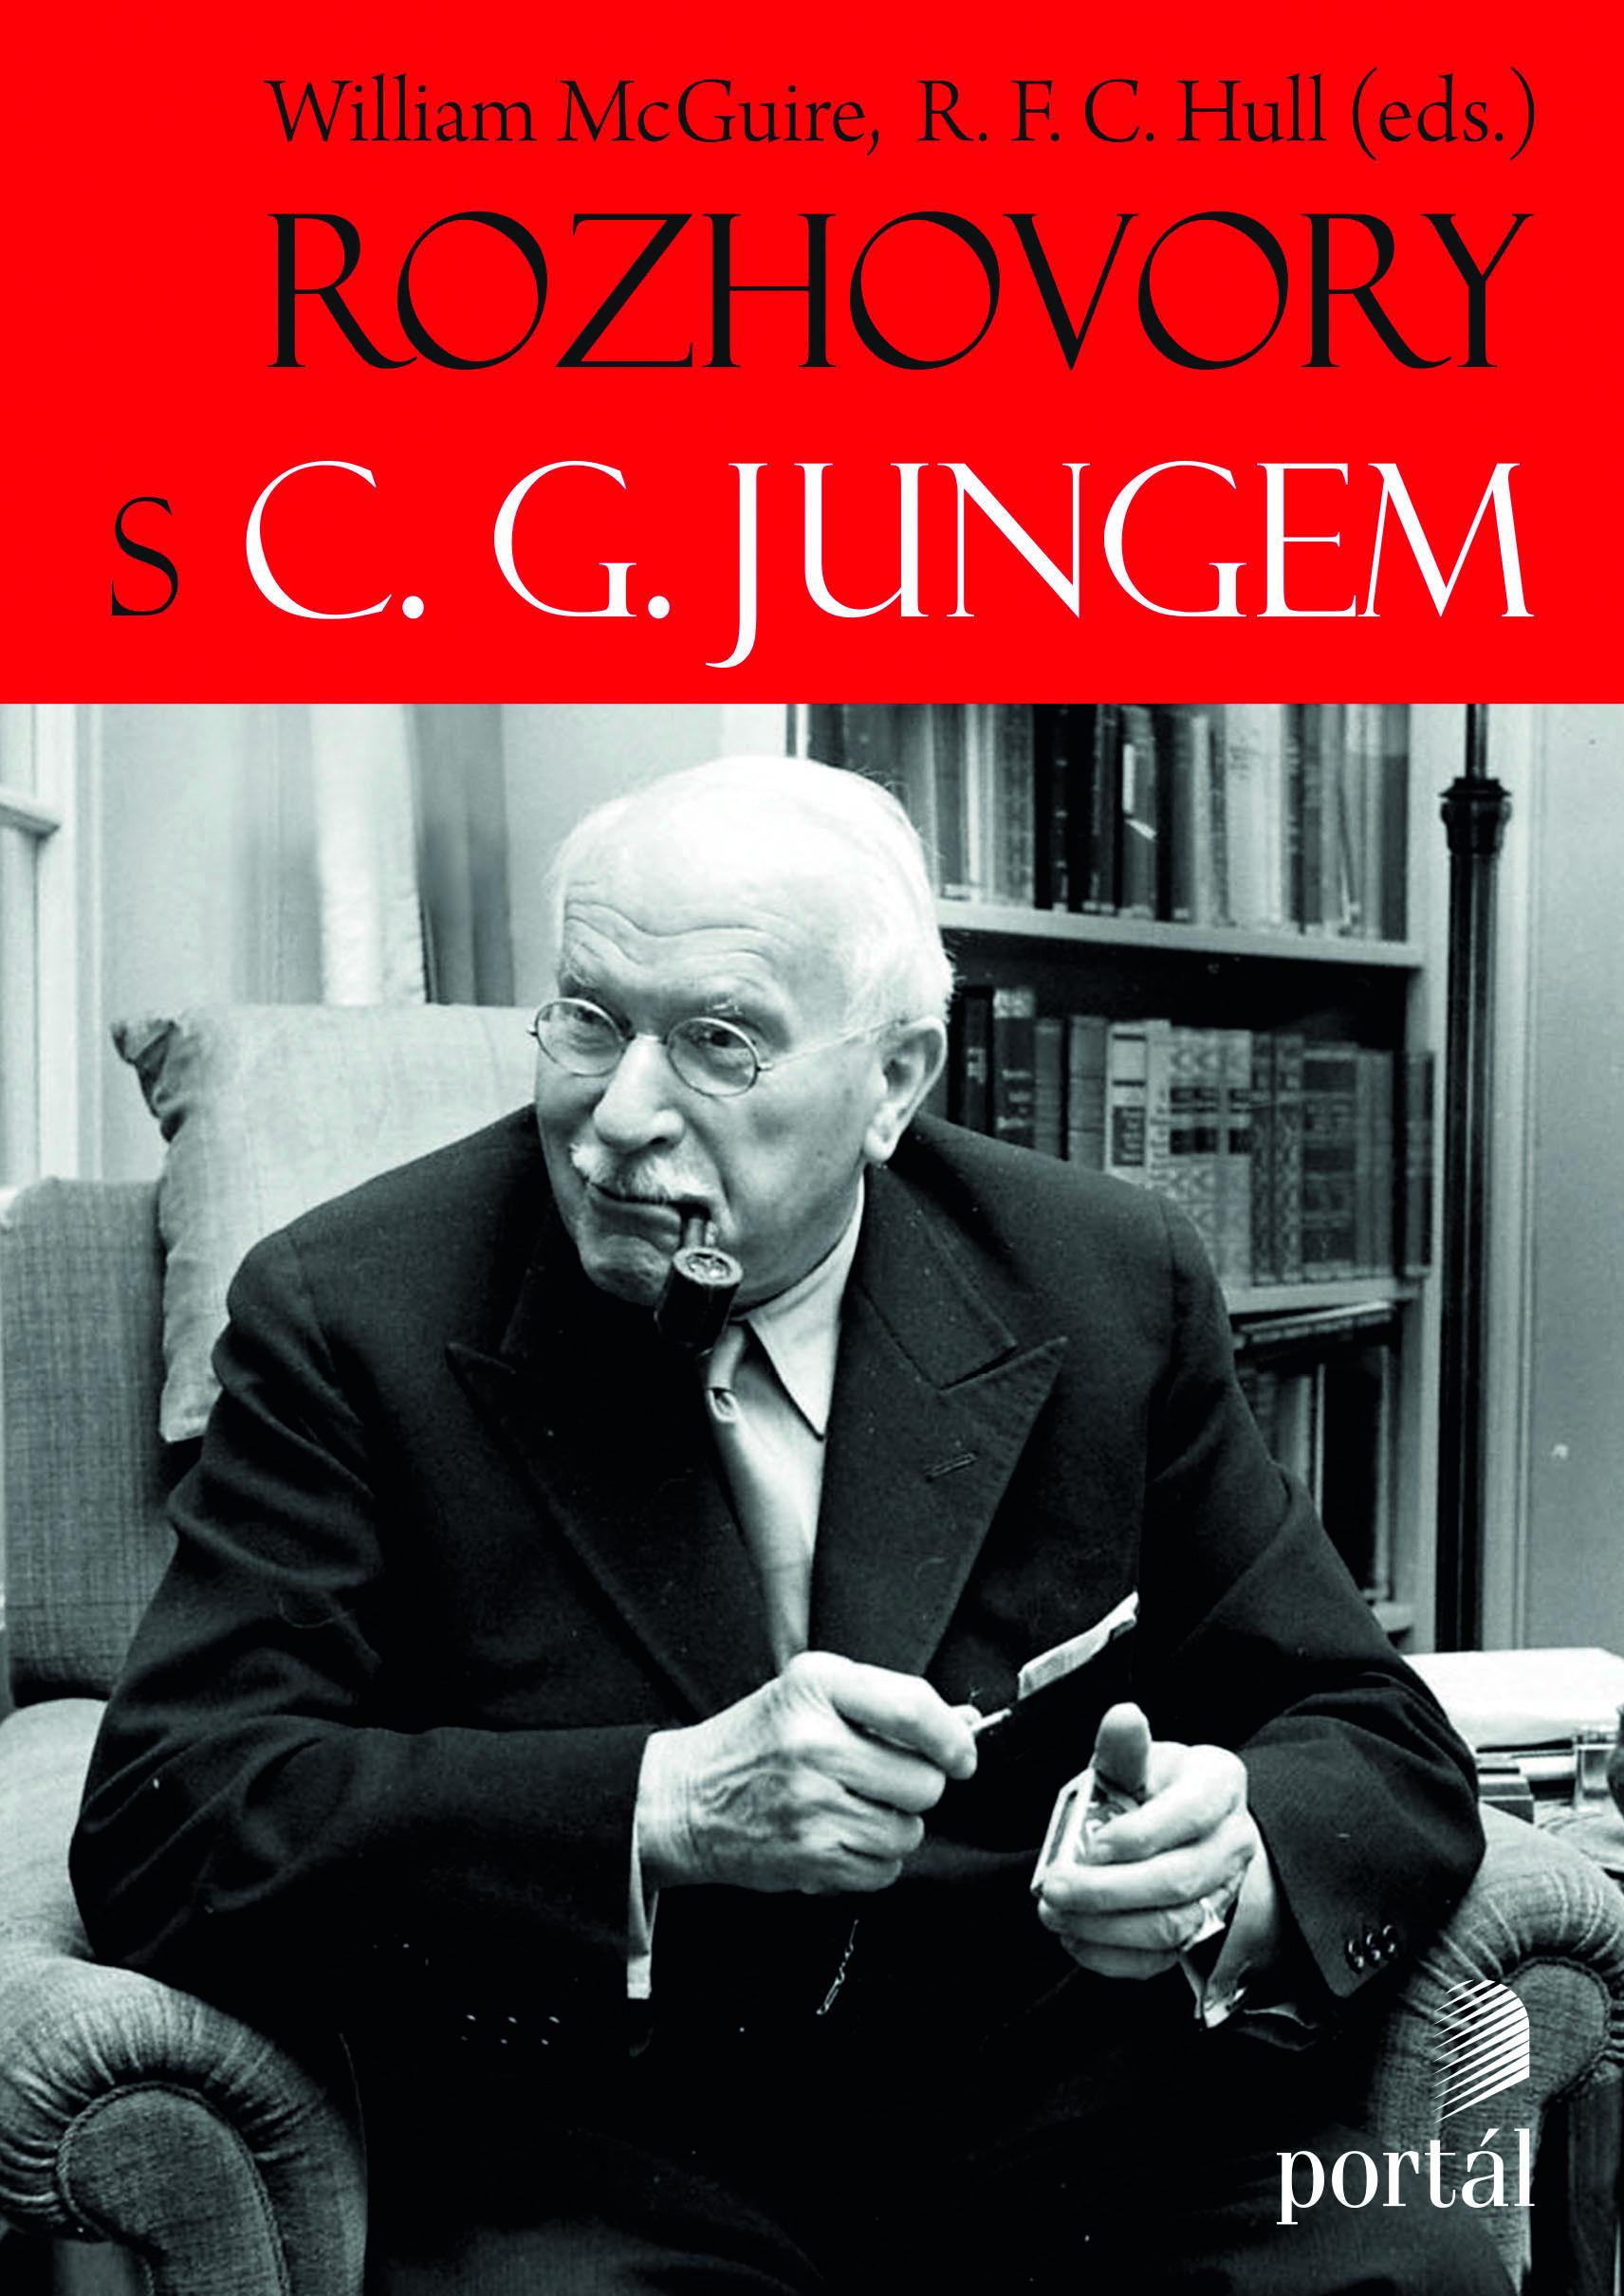 William McGuire, R. F. Hull (eds.): Rozhovory s C. G. Jungem (Portál, Praha 2015)